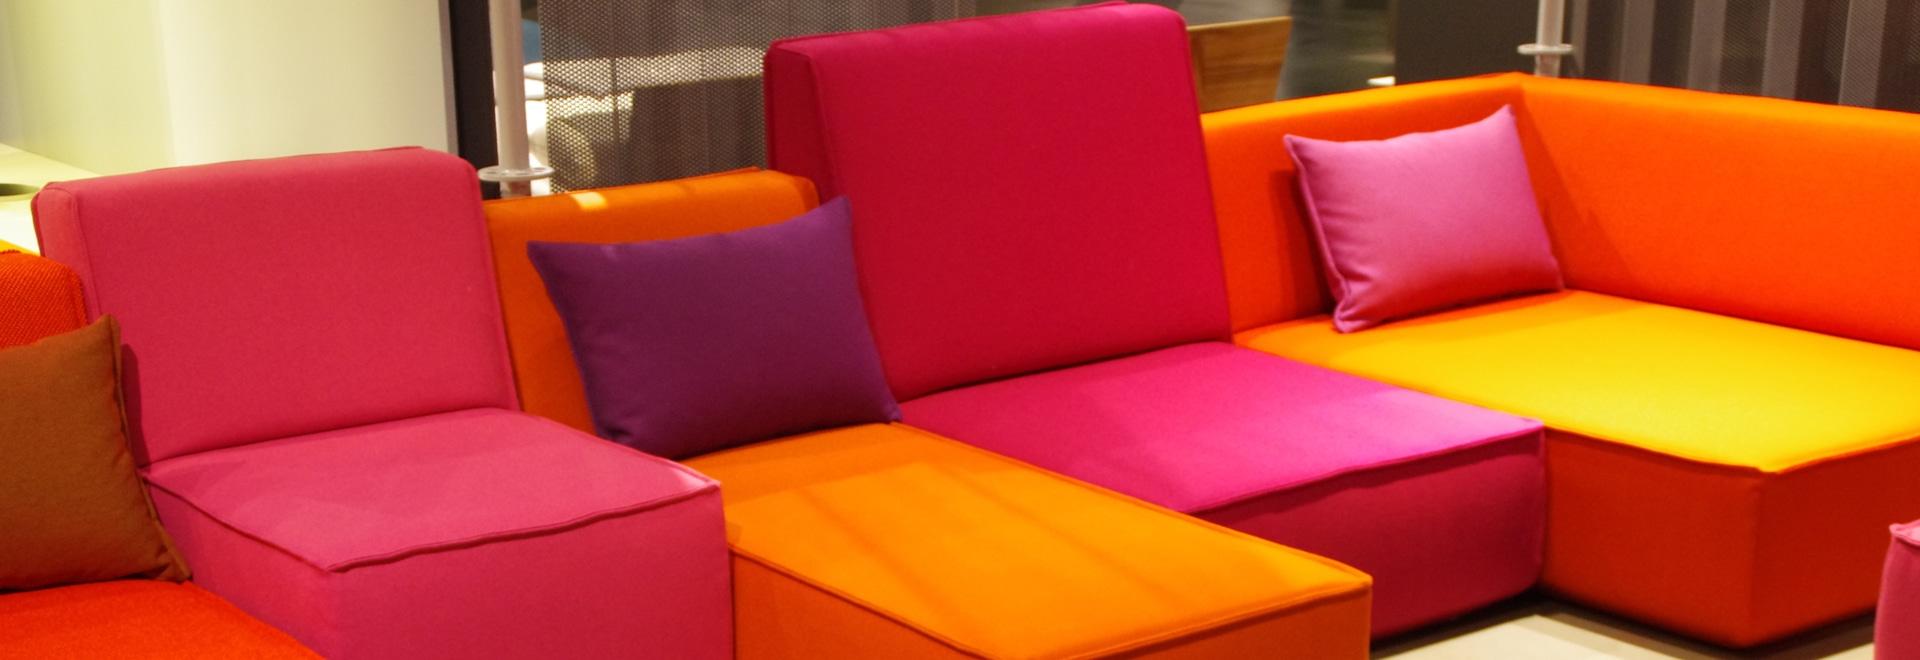 Sofá del codo en anaranjado y rosado